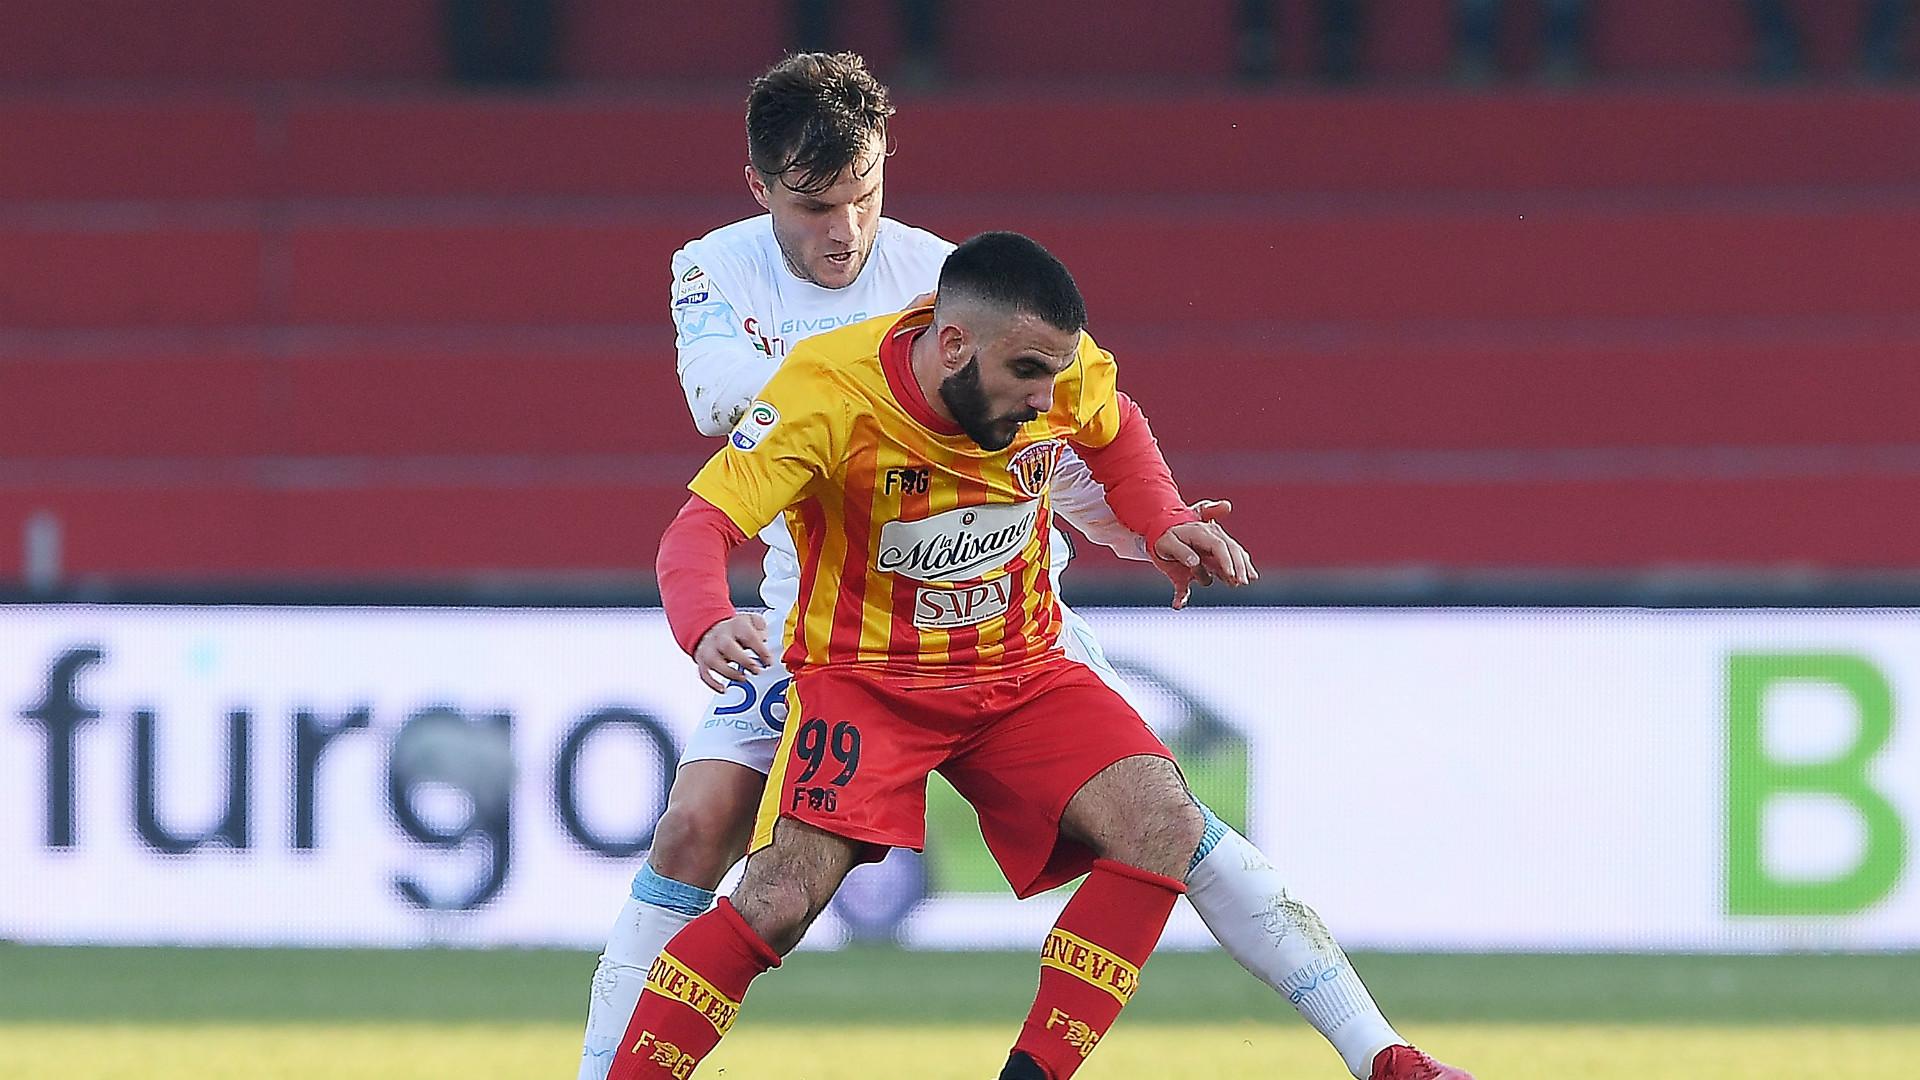 Enrico Brignola Perparim Hetemaj Benevento Chievo Serie A